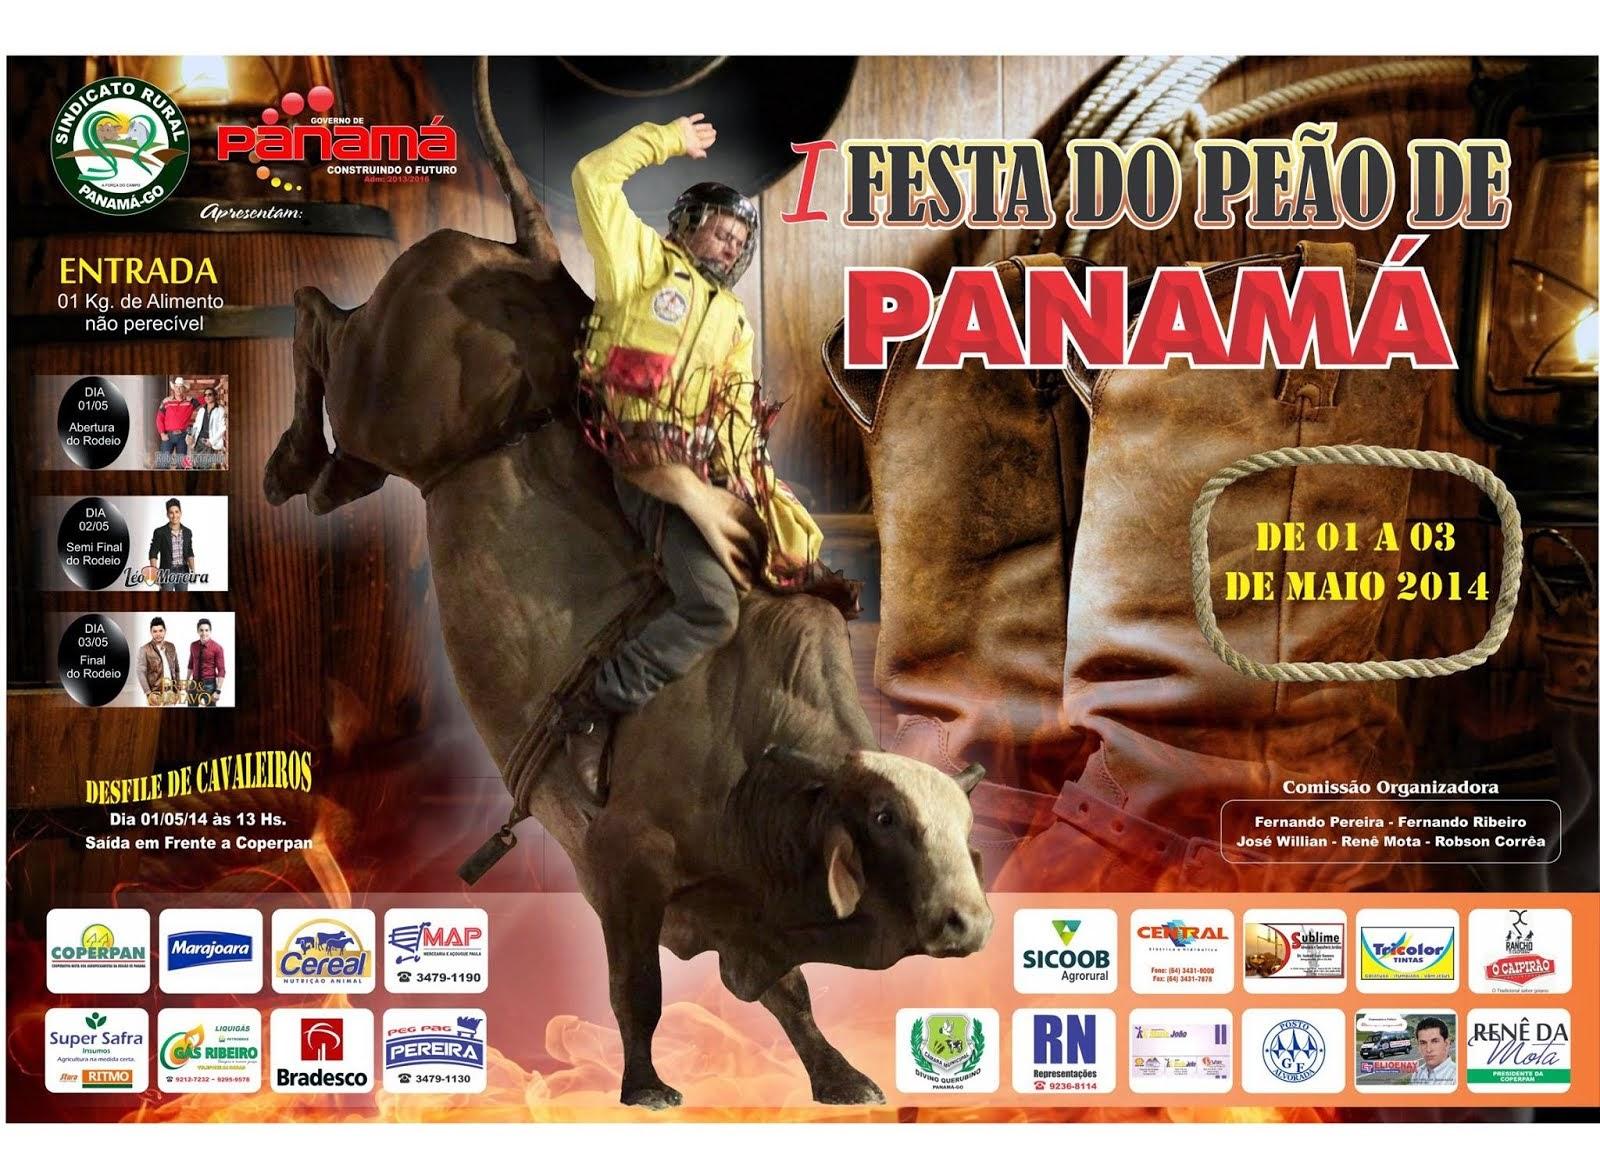 I Festa do Peão de Panamá-GO - De 01 a 03 de Maio de 2014.